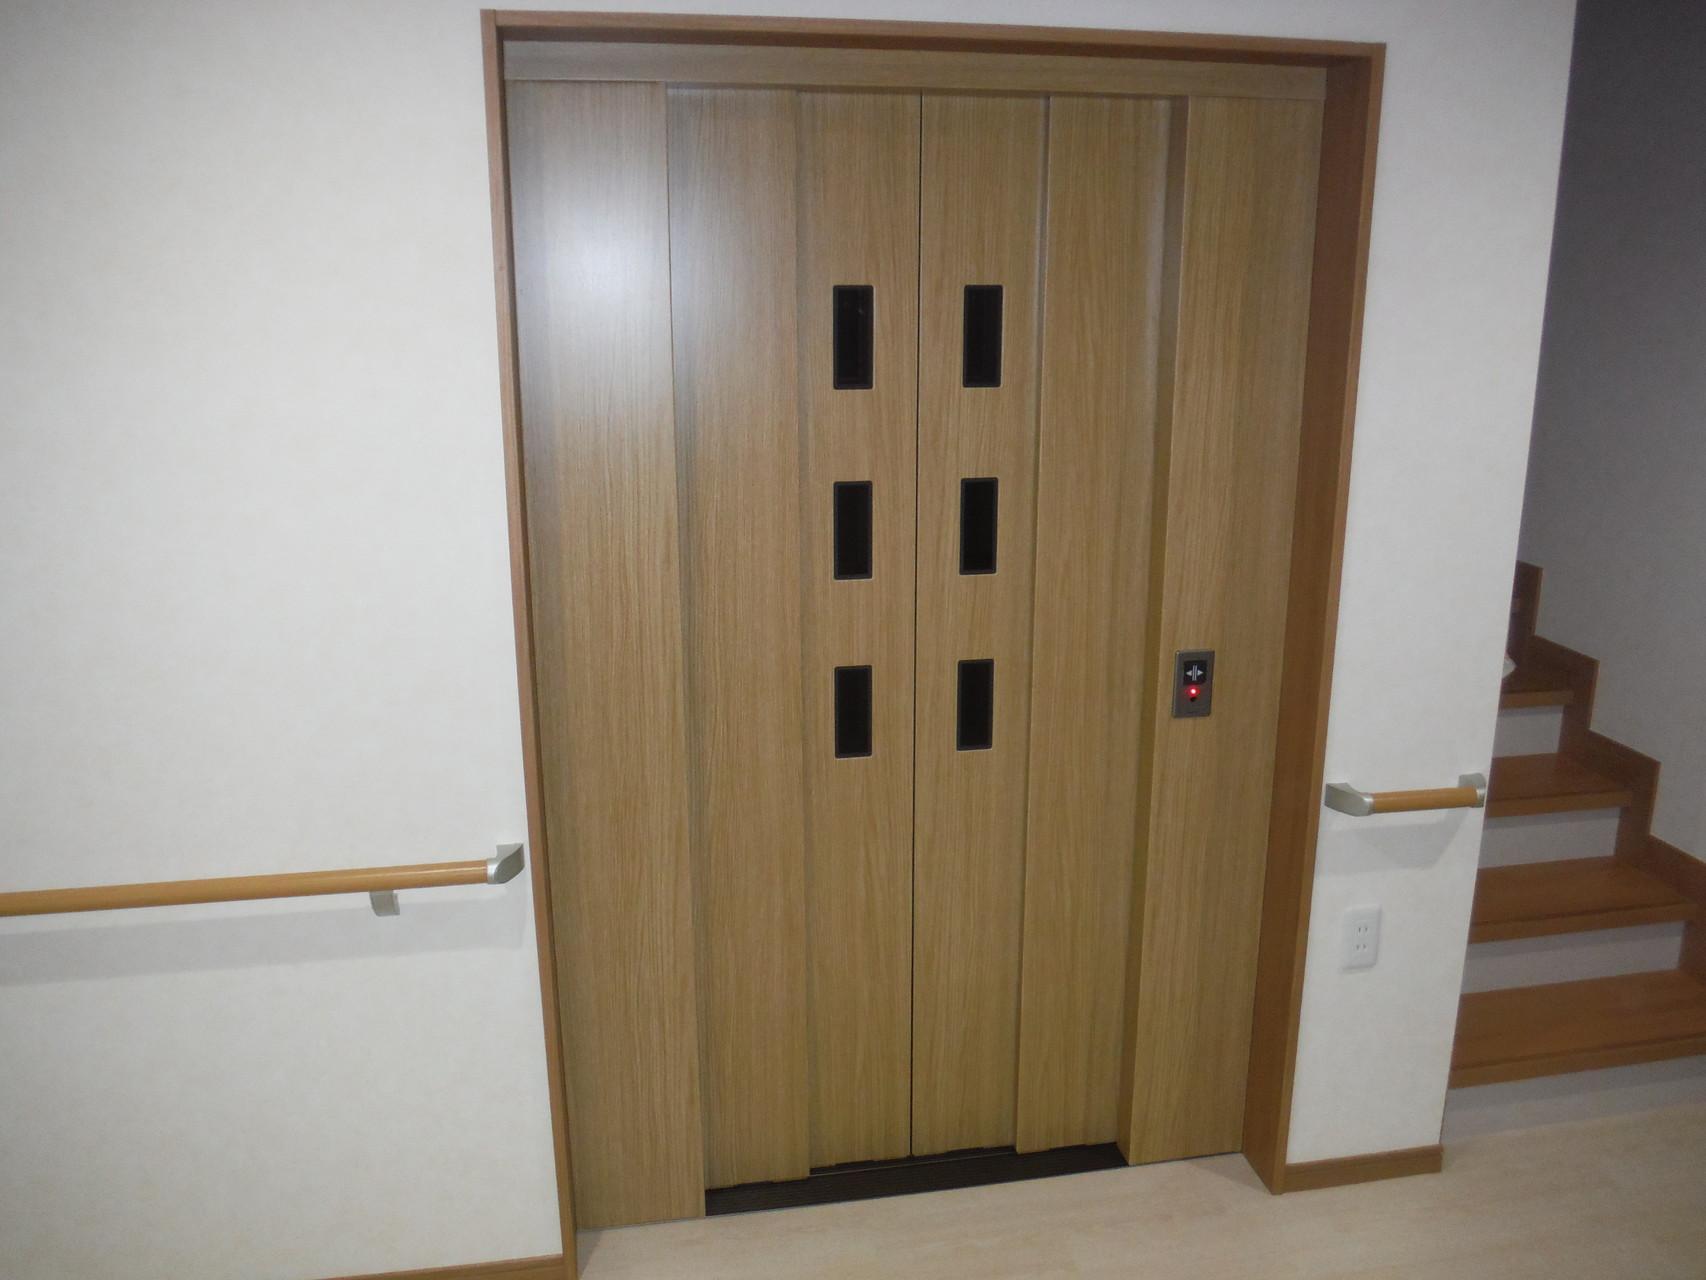 エレベーター -安全装置も当然に設置-